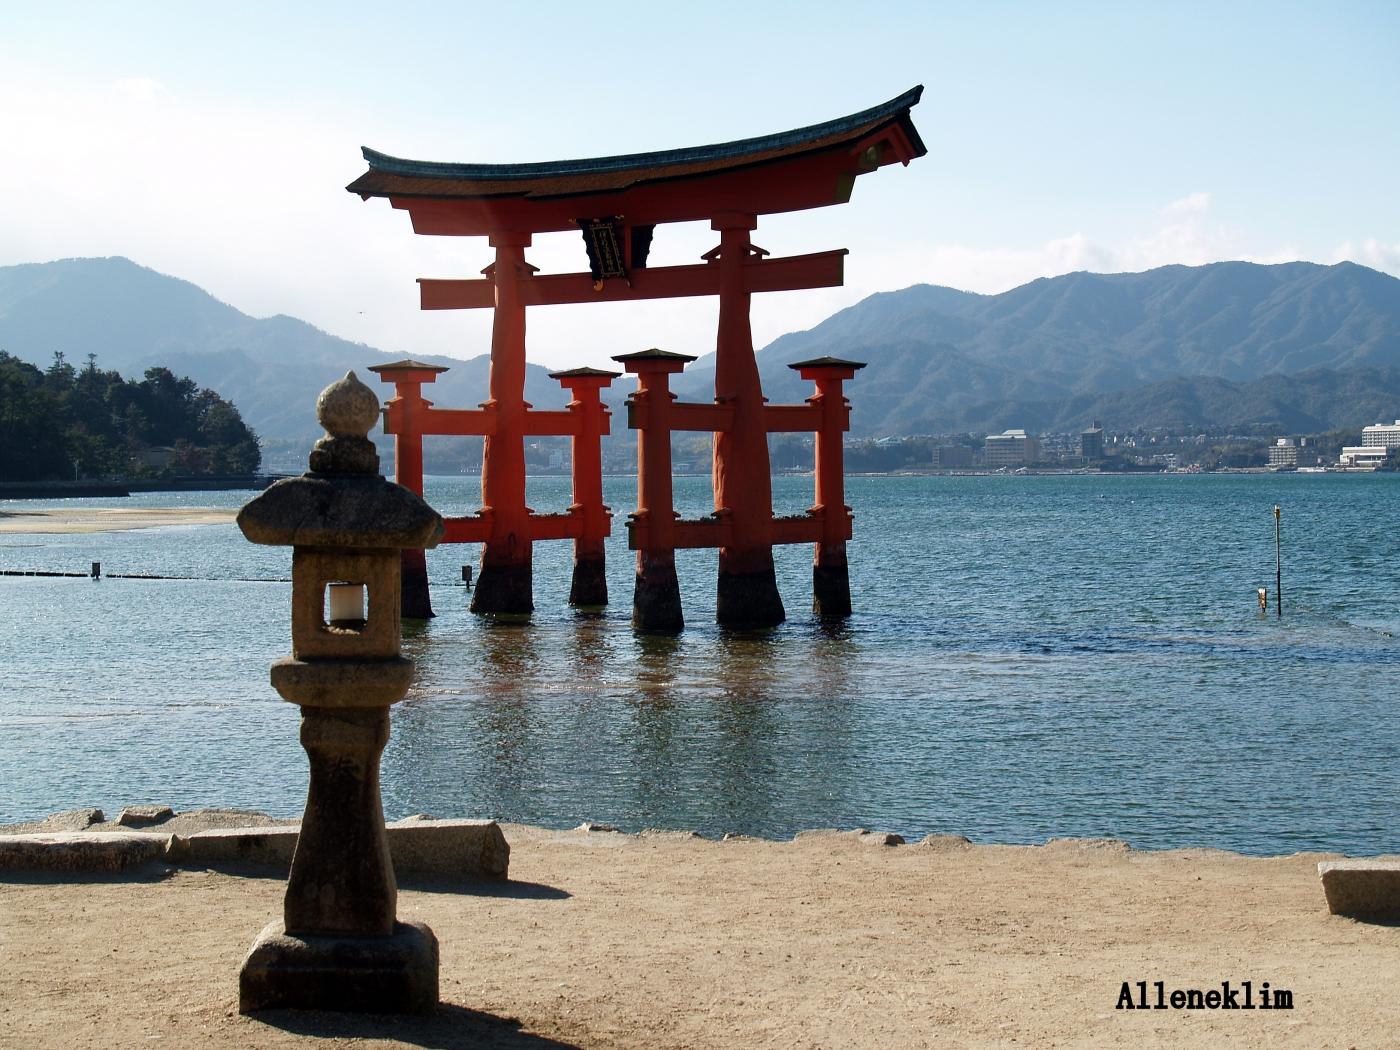 Alleneklim - 日本之宫島_图1-9